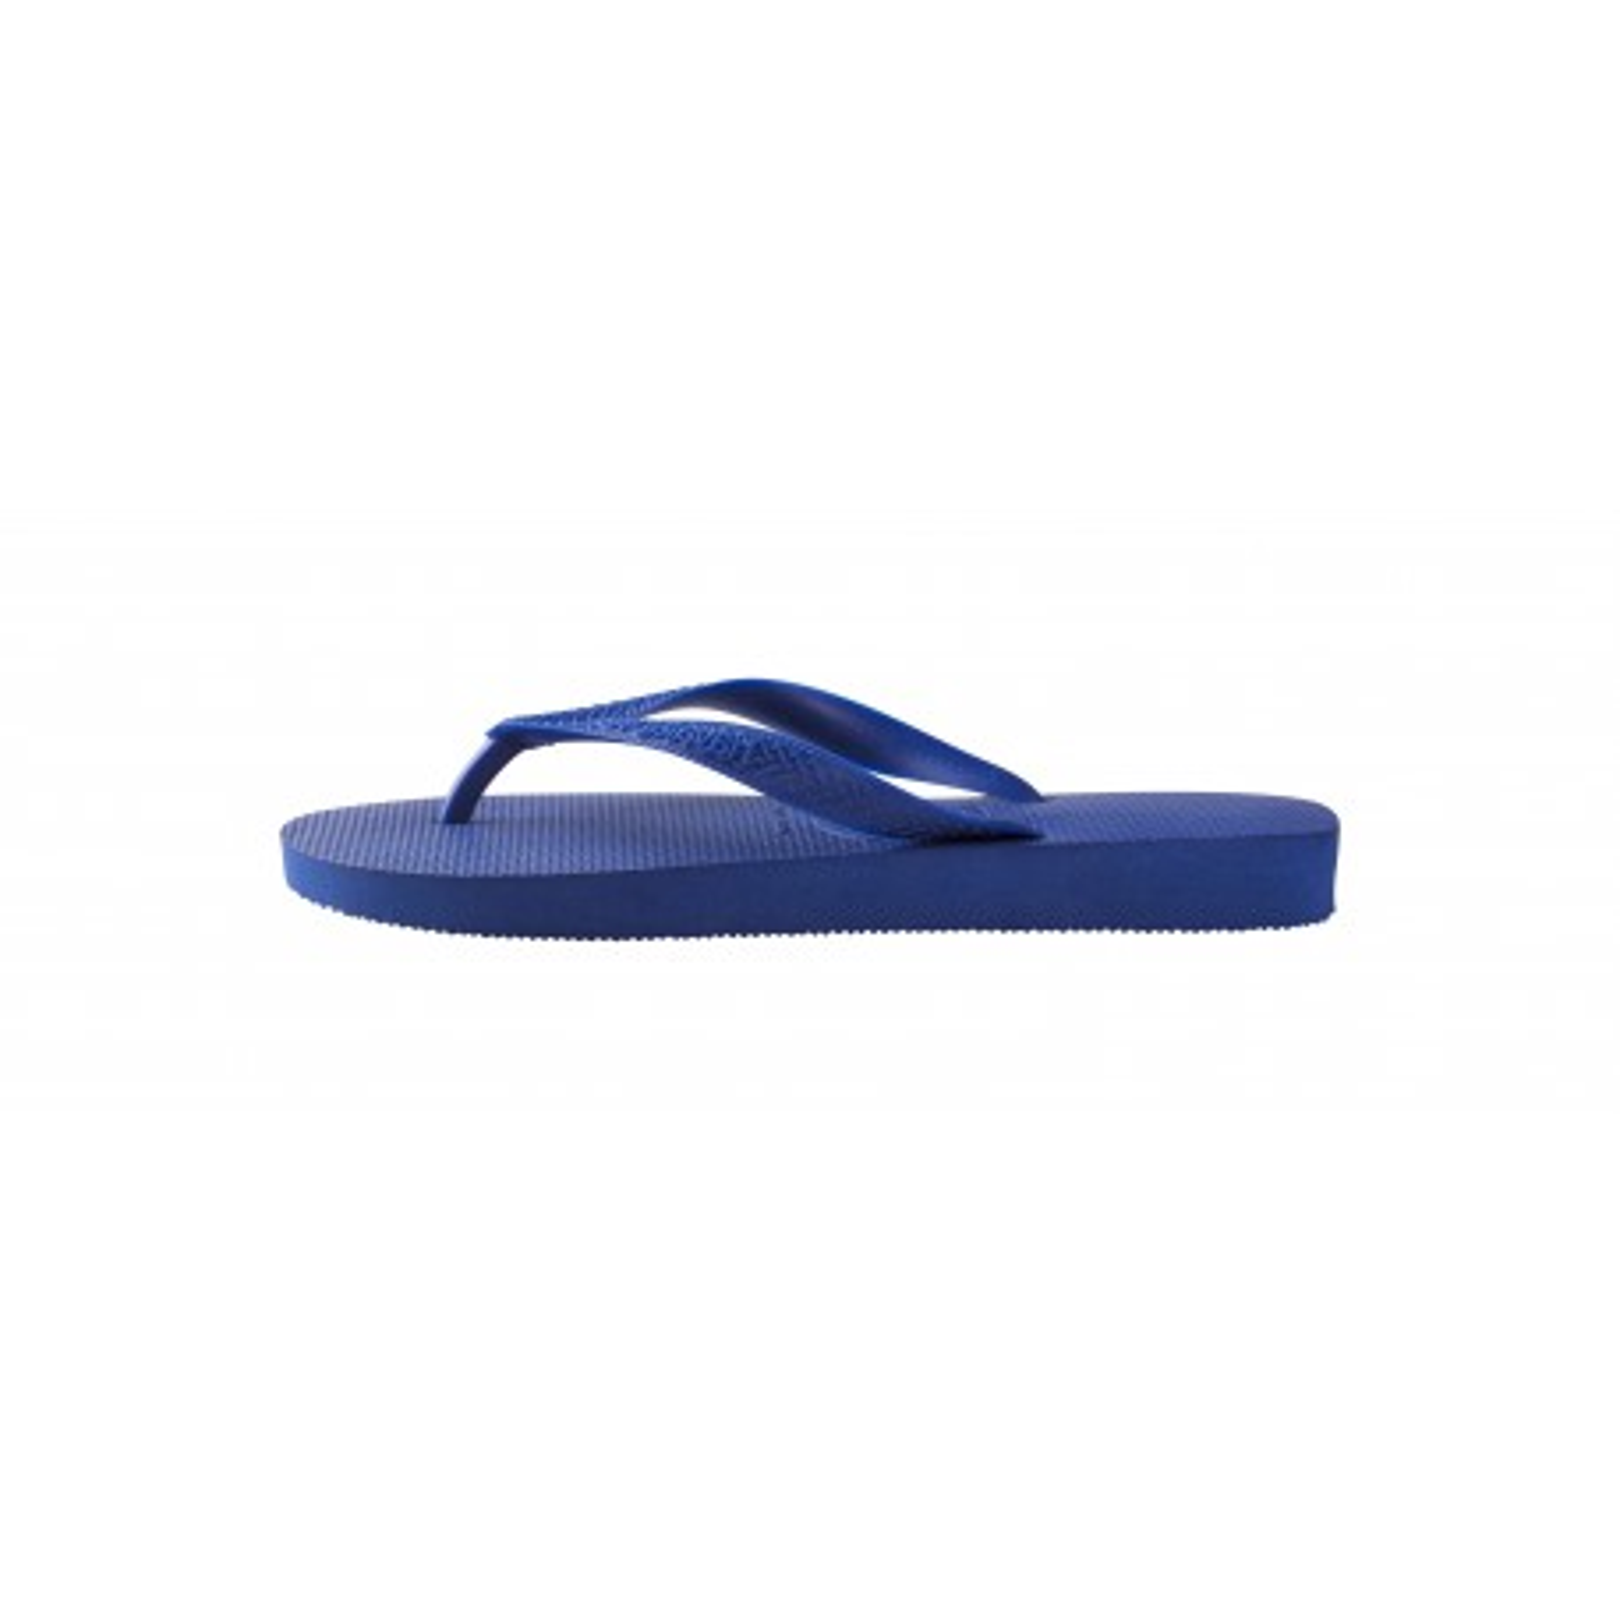 Tong Havaianas H Top pour Homme Marine Bleu